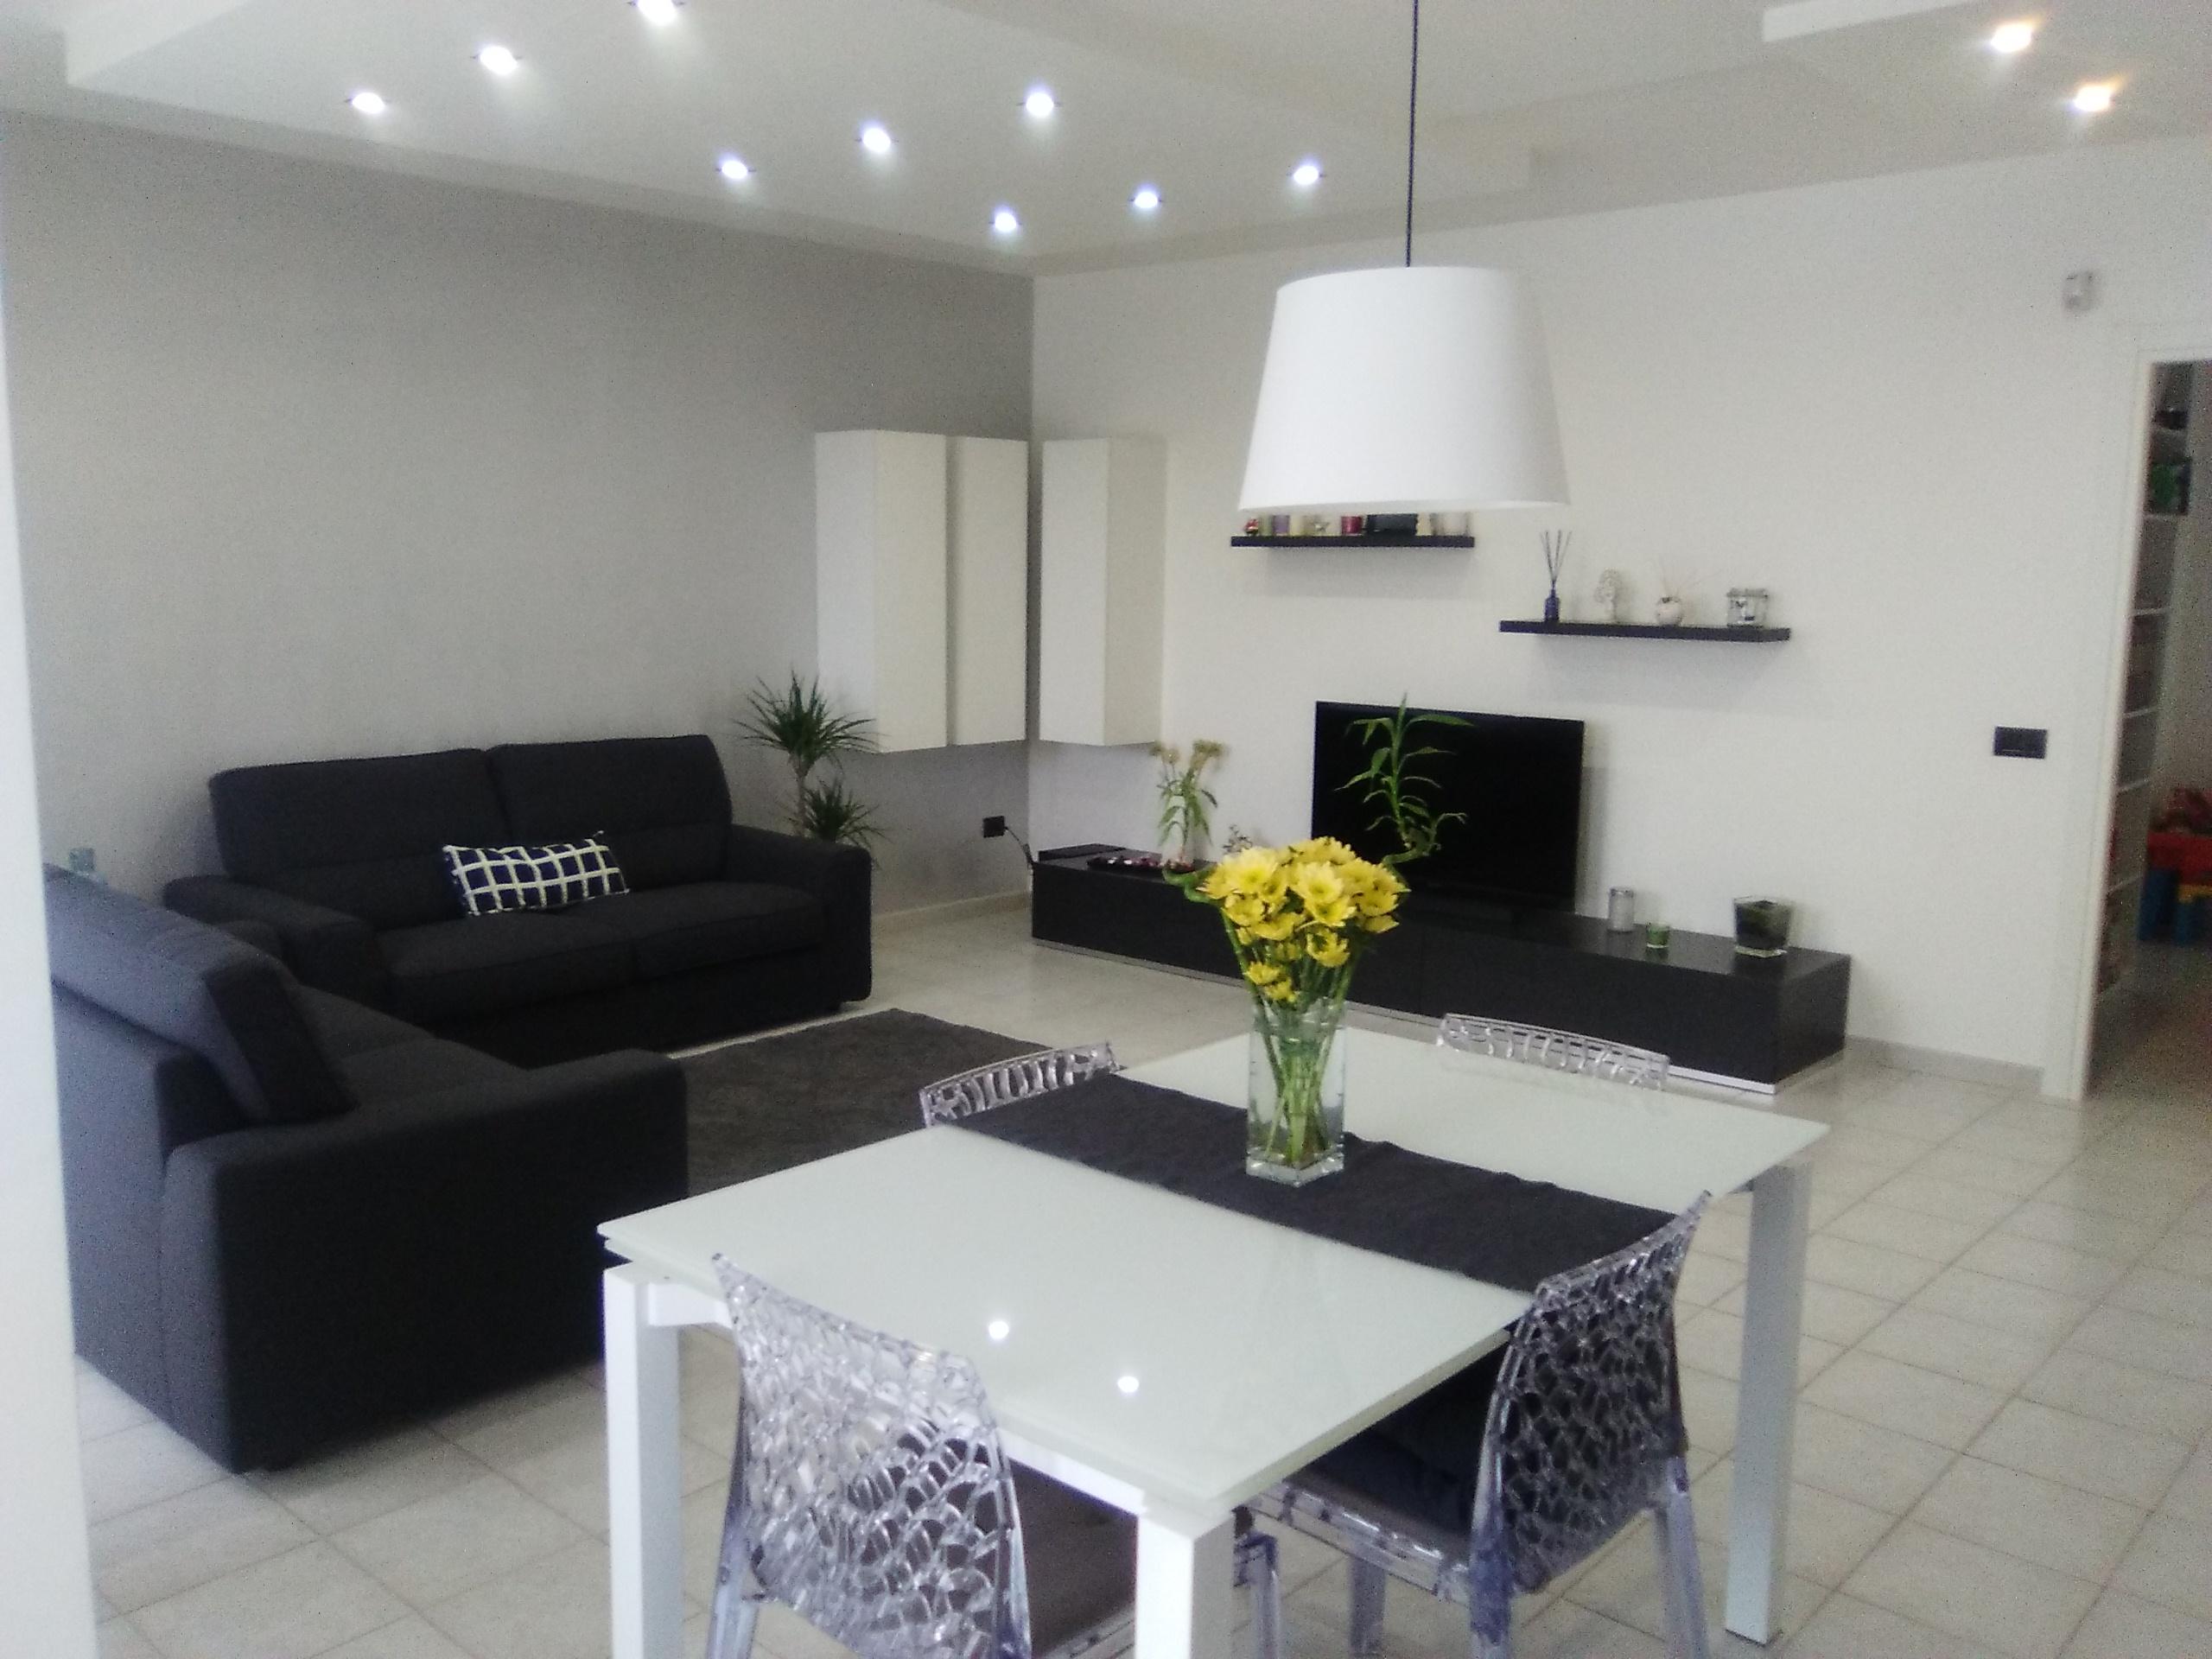 Appartamento a Foggia-Zona Comparto Biccari 3 vani doppi servizi box e cantina